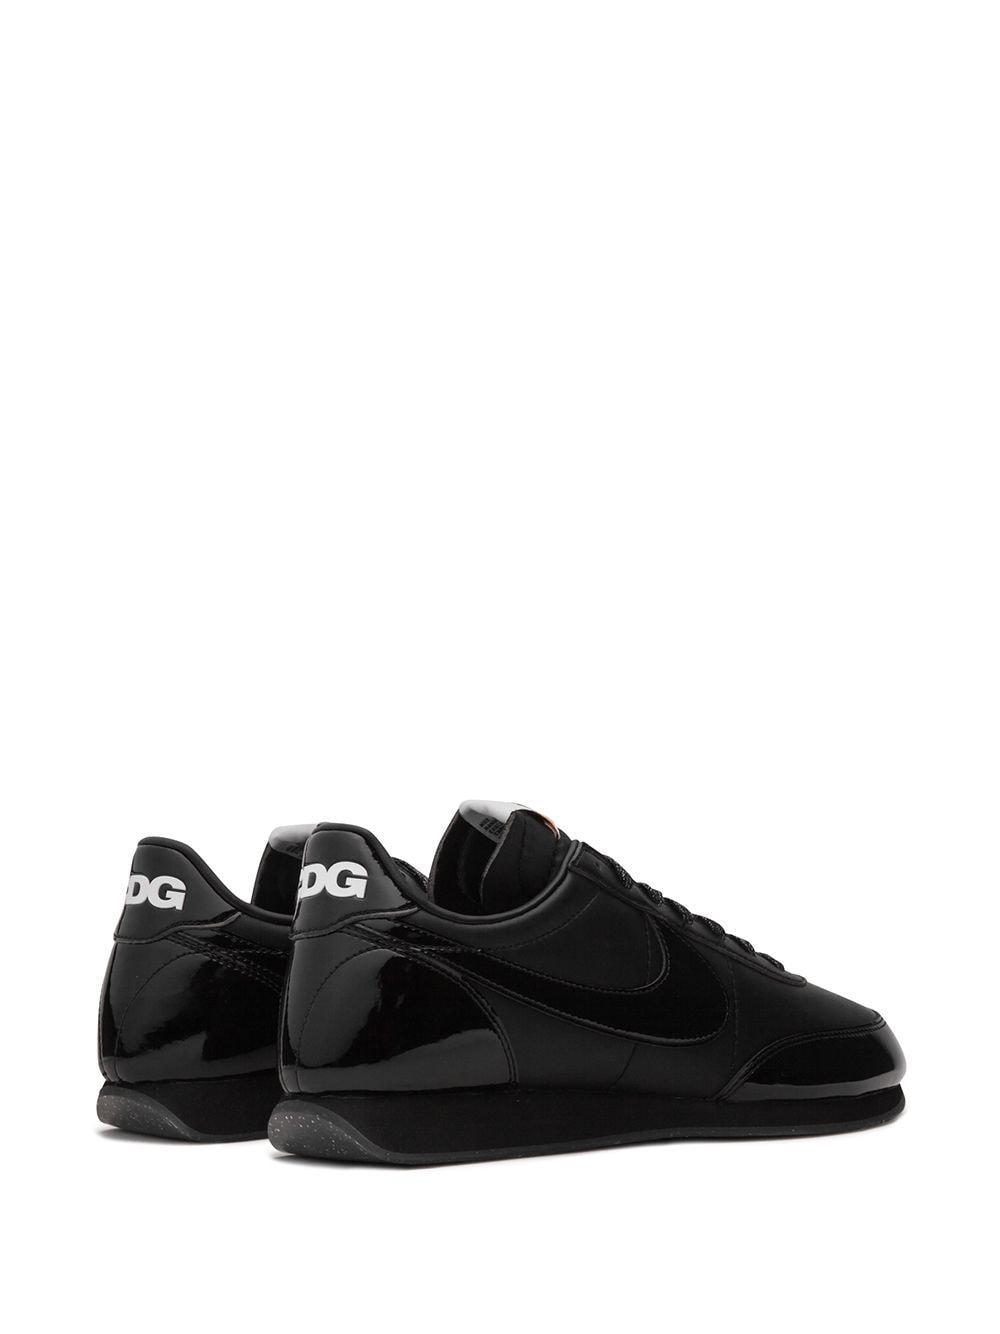 Zapatillas Nighttrack de x Comme Des Garçons Nike de Tejido sintético de color Negro para hombre